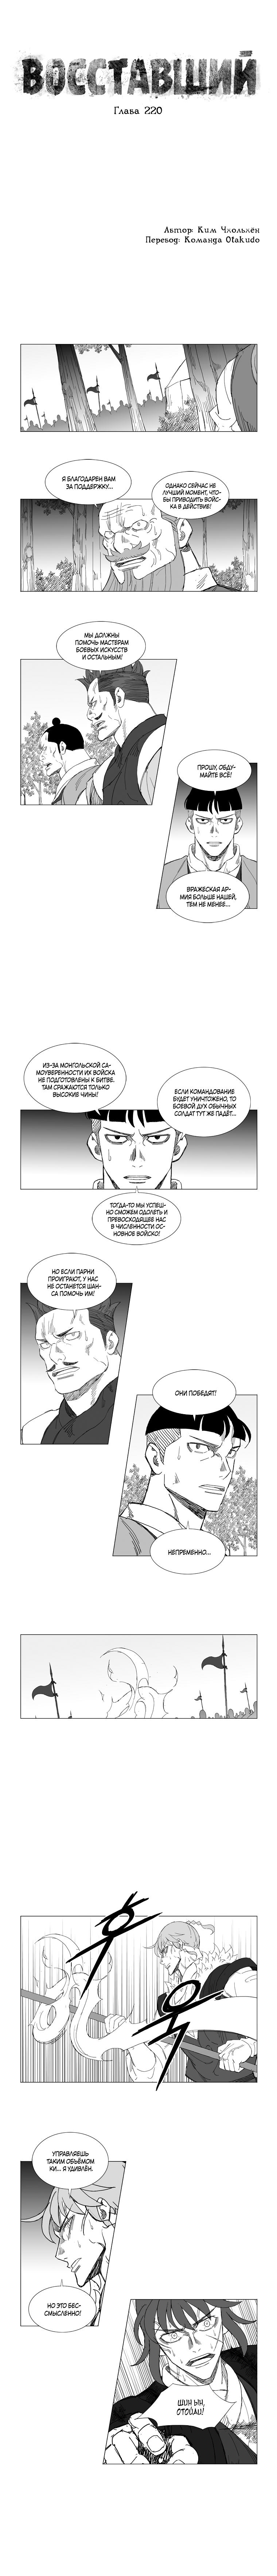 https://r1.ninemanga.com/comics/pic3/39/28263/1330951/1554656430524.png Page 1